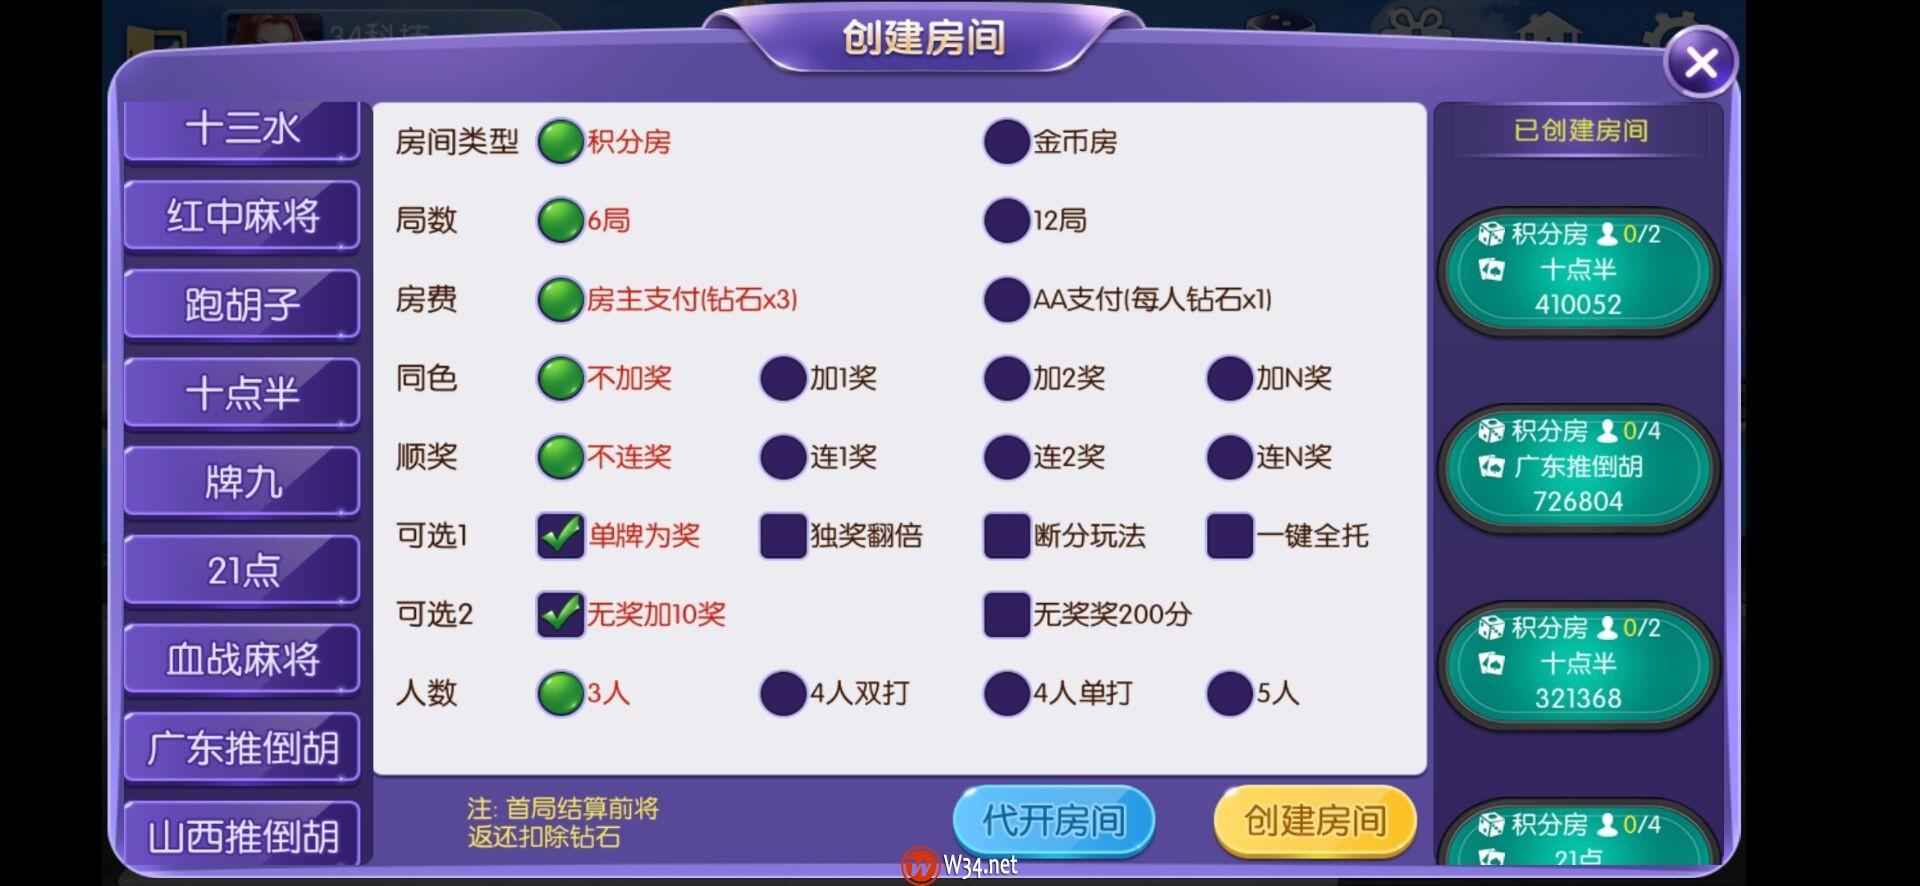 五游联盟双模式-带视频教程插图(24)